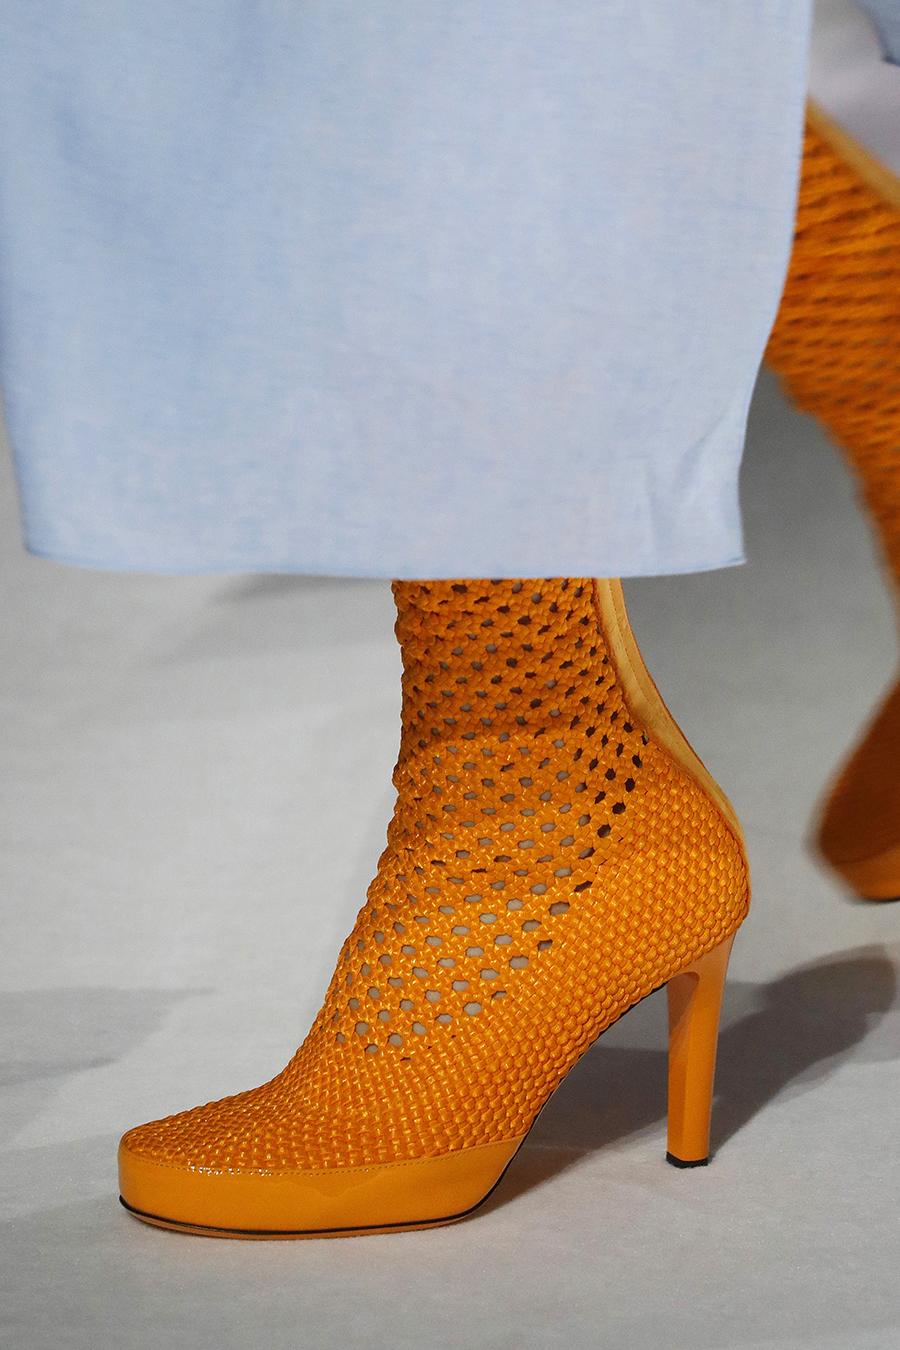 обувь весна 2021 туфли ботильоны ботинки яркие с перфорацией оранжевые плетеные на каблуке